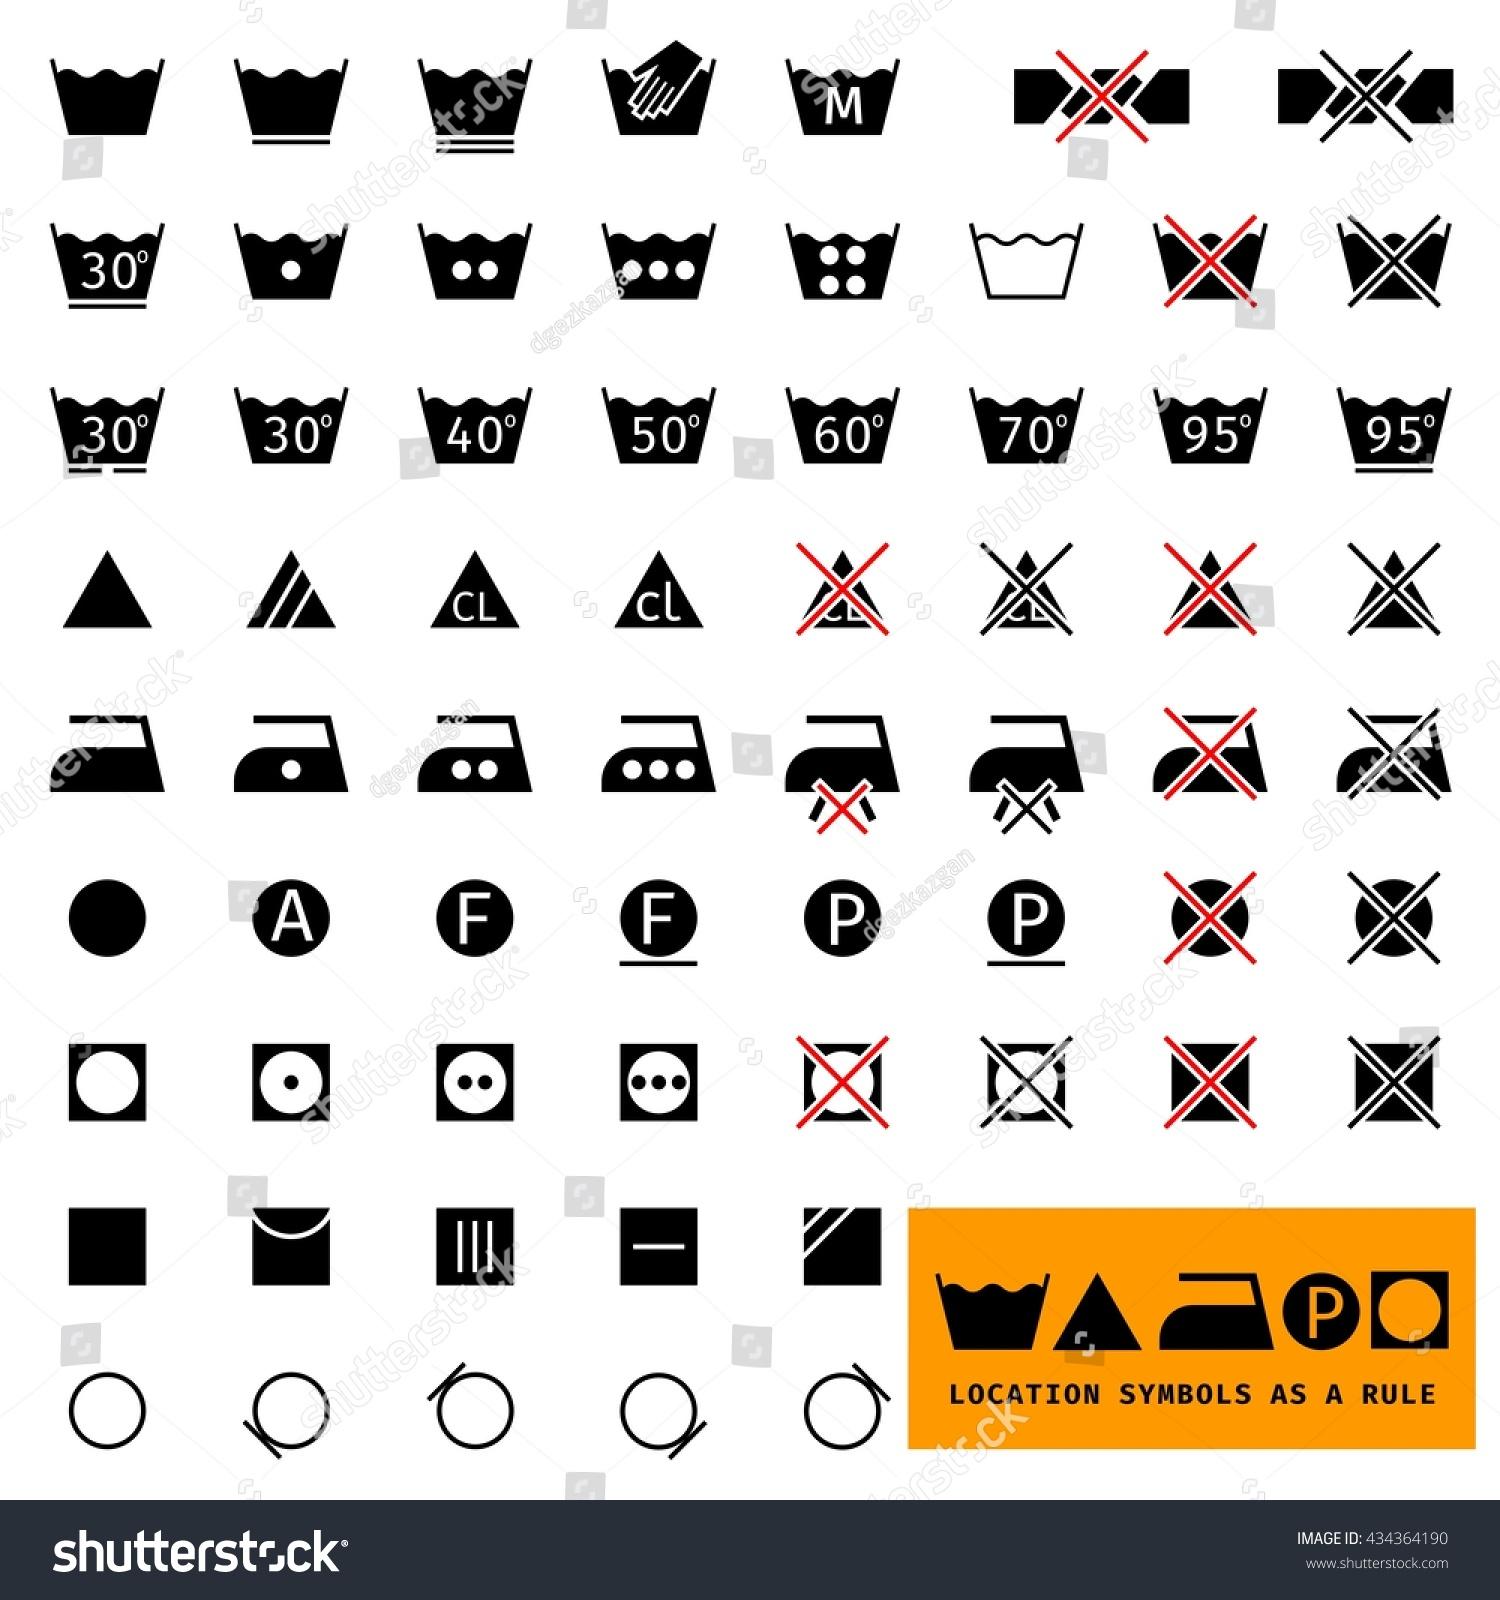 Symbols for clothing care images symbol and sign ideas icon set symbols washing laundry ironing stock vector 434364190 icon set symbols for washing laundry ironing buycottarizona